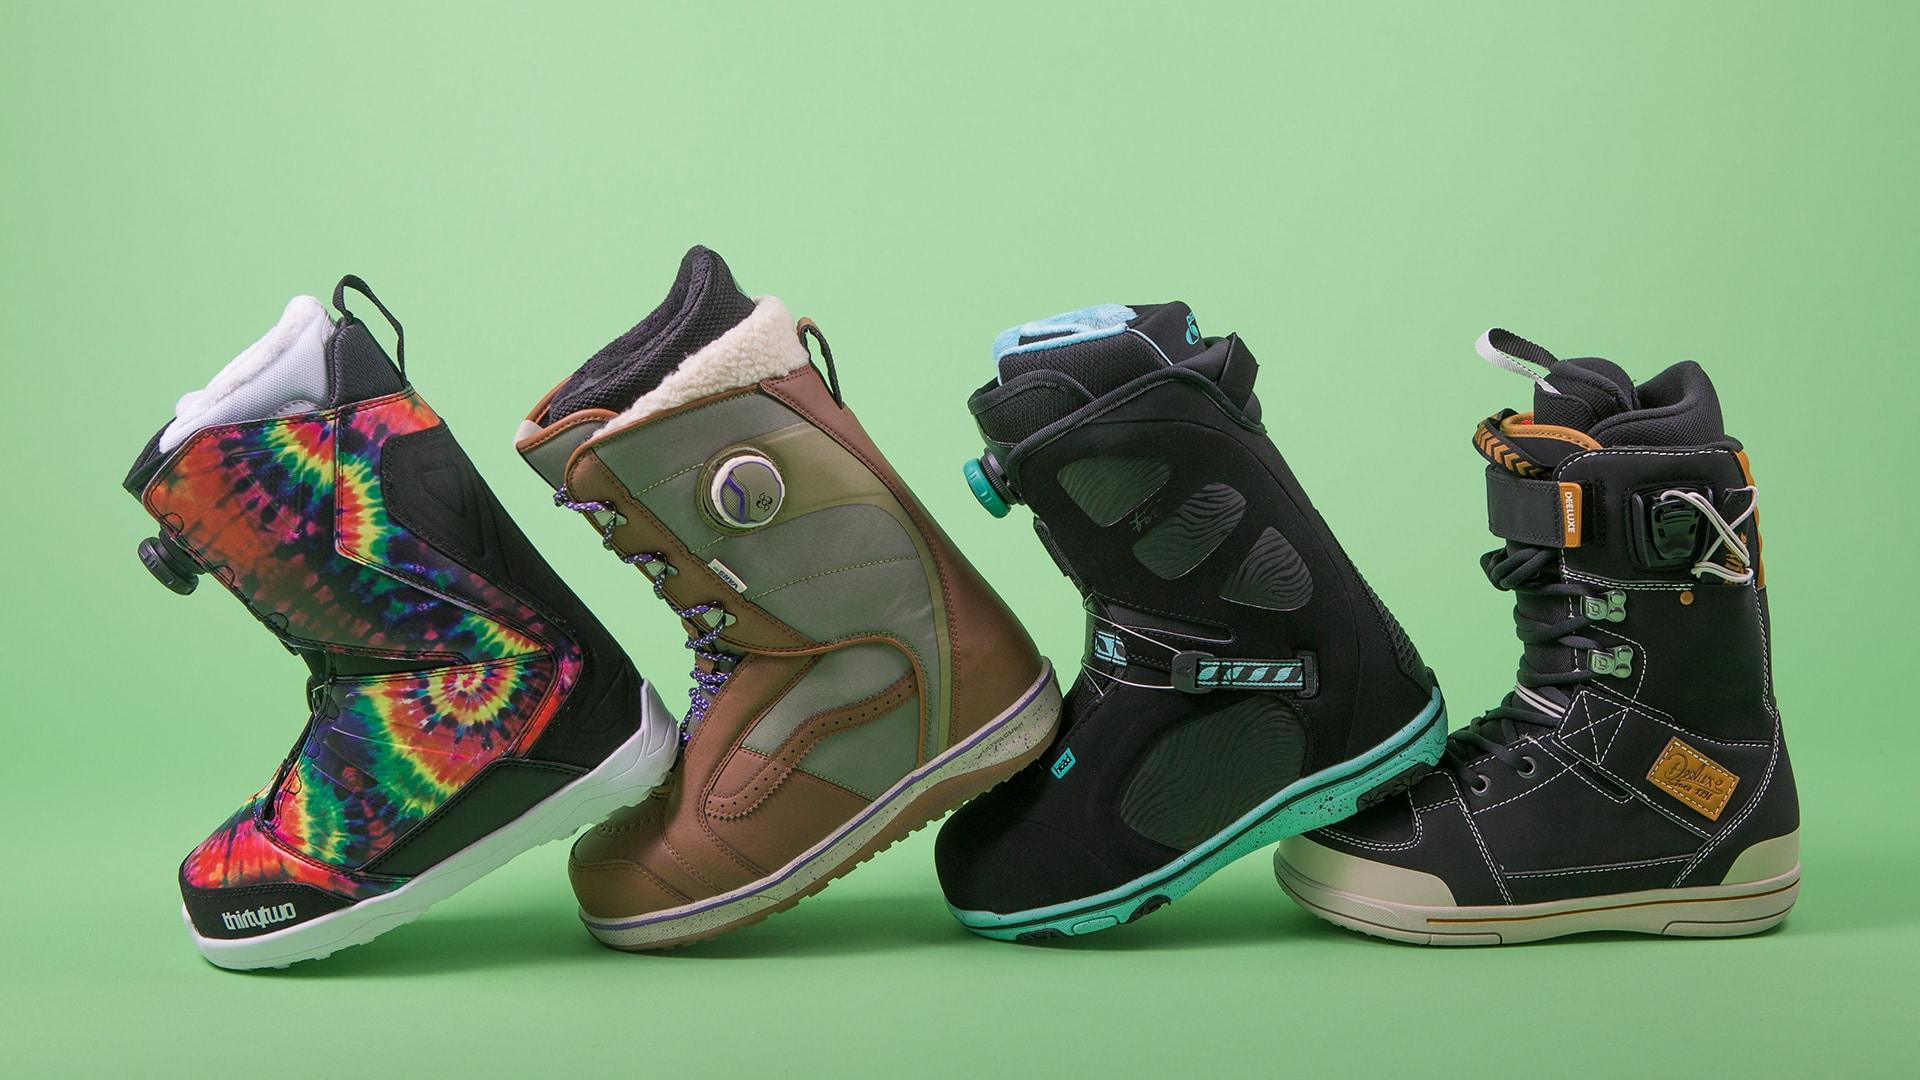 meilleure botte et chaussure de snowboard comparatif guide achat avis